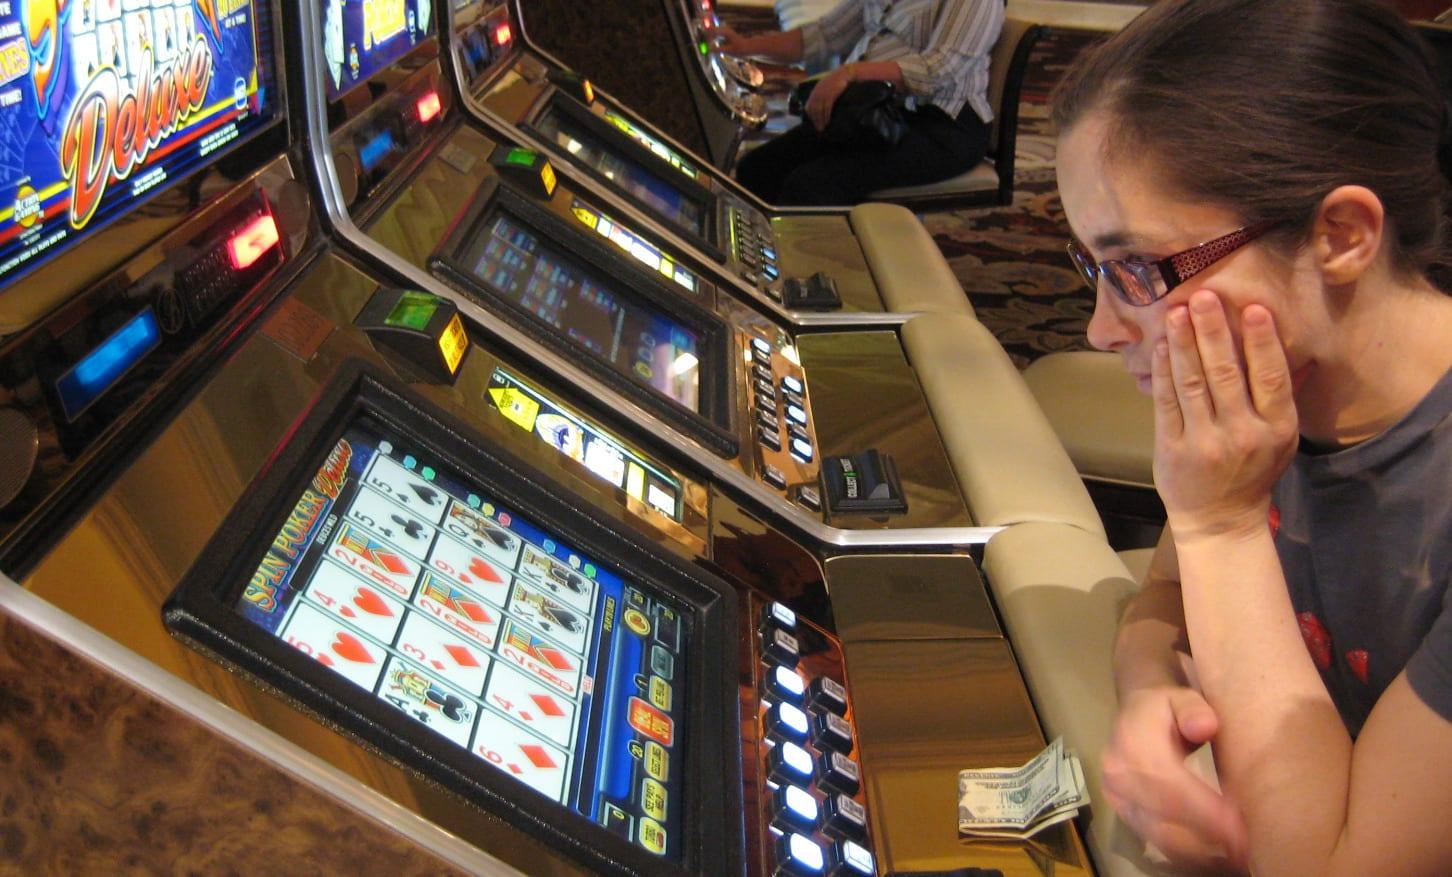 В Таиланде выросло число граждан, зависимых от азартных игр